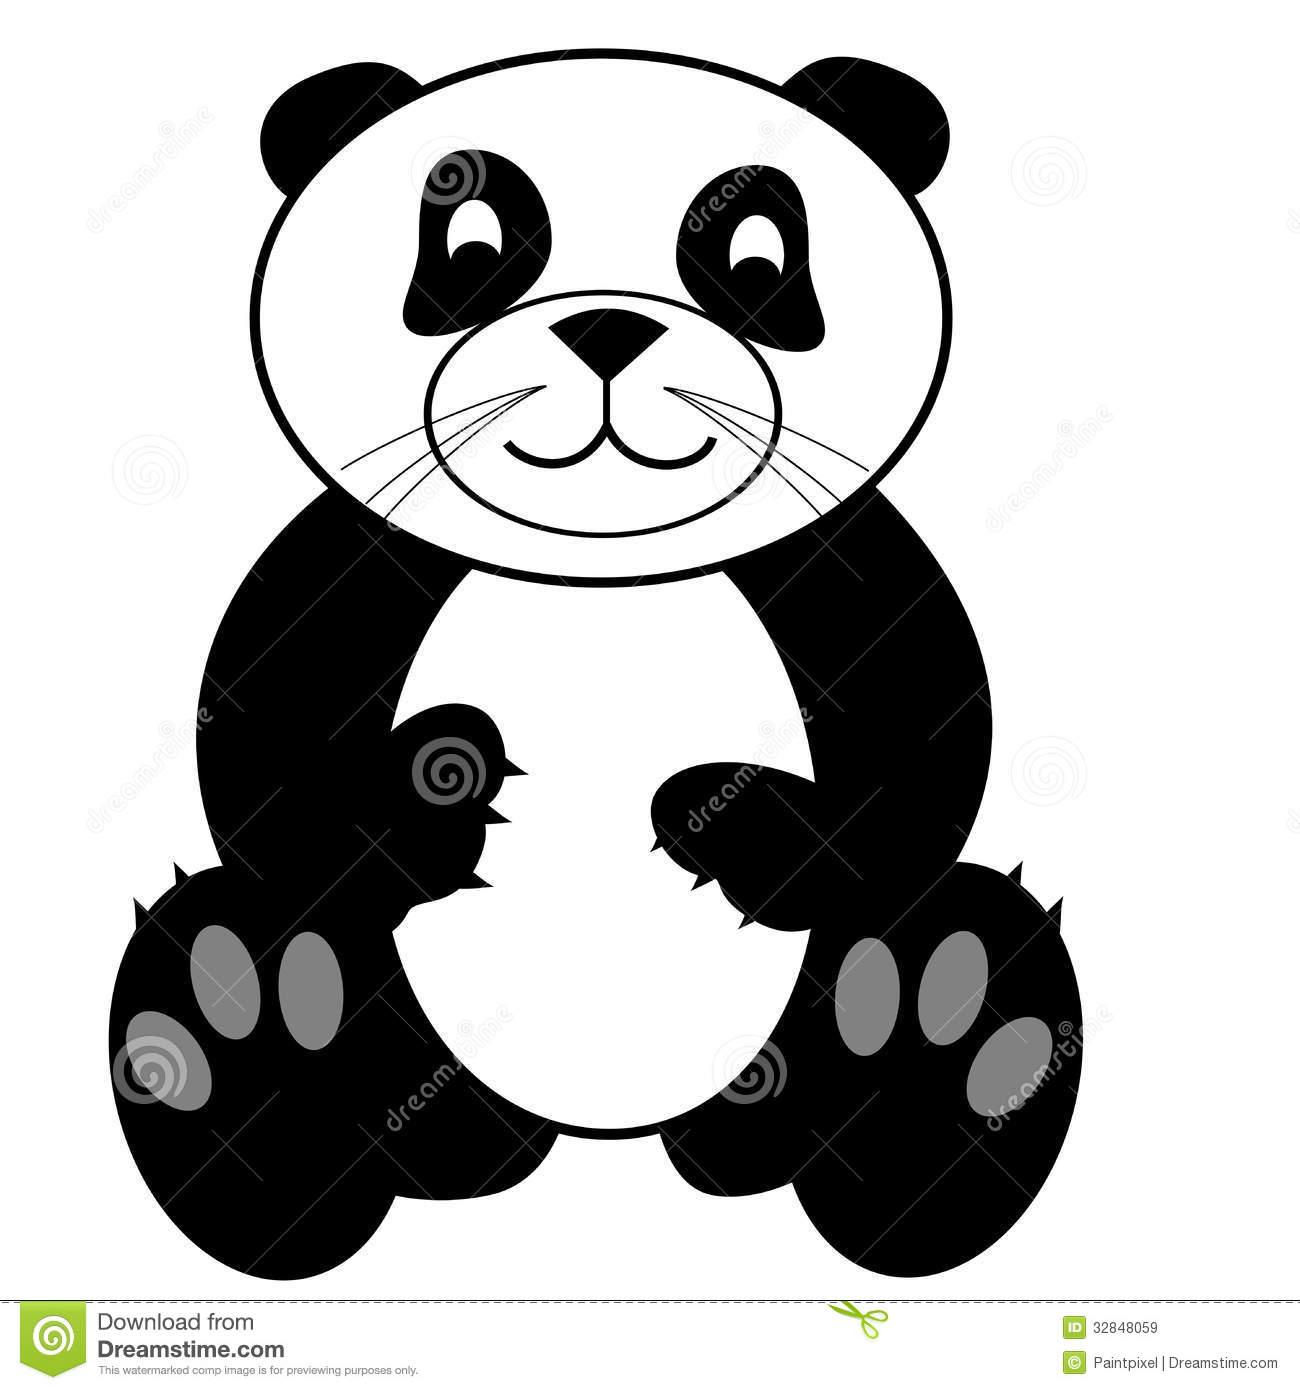 cute panda bear clip art clipart panda free clipart images rh clipartpanda com cute panda clips cute baby panda clipart